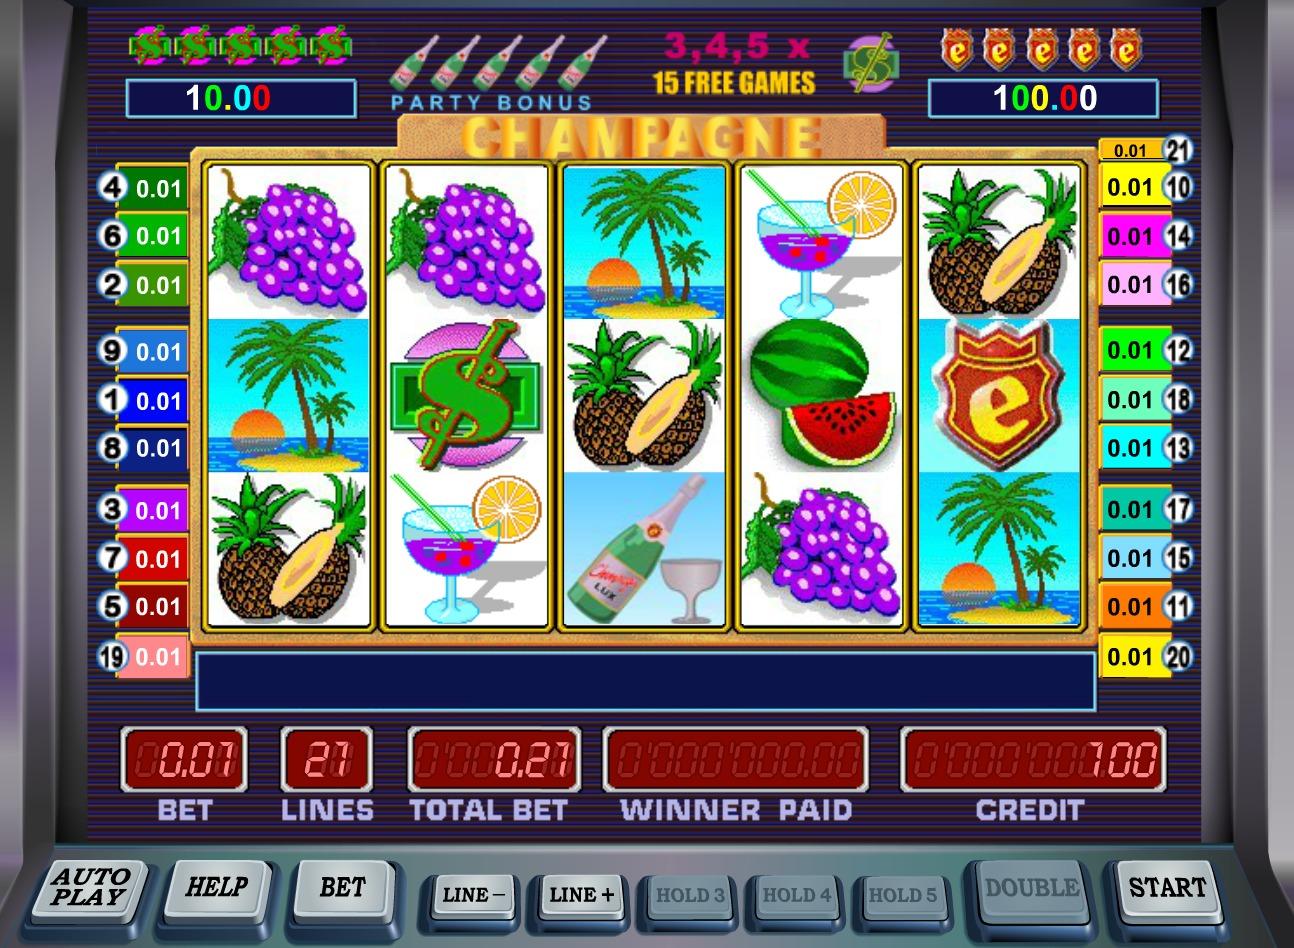 Казино х игровые автоматы играть бесплатно и без регистрации онлайн jack